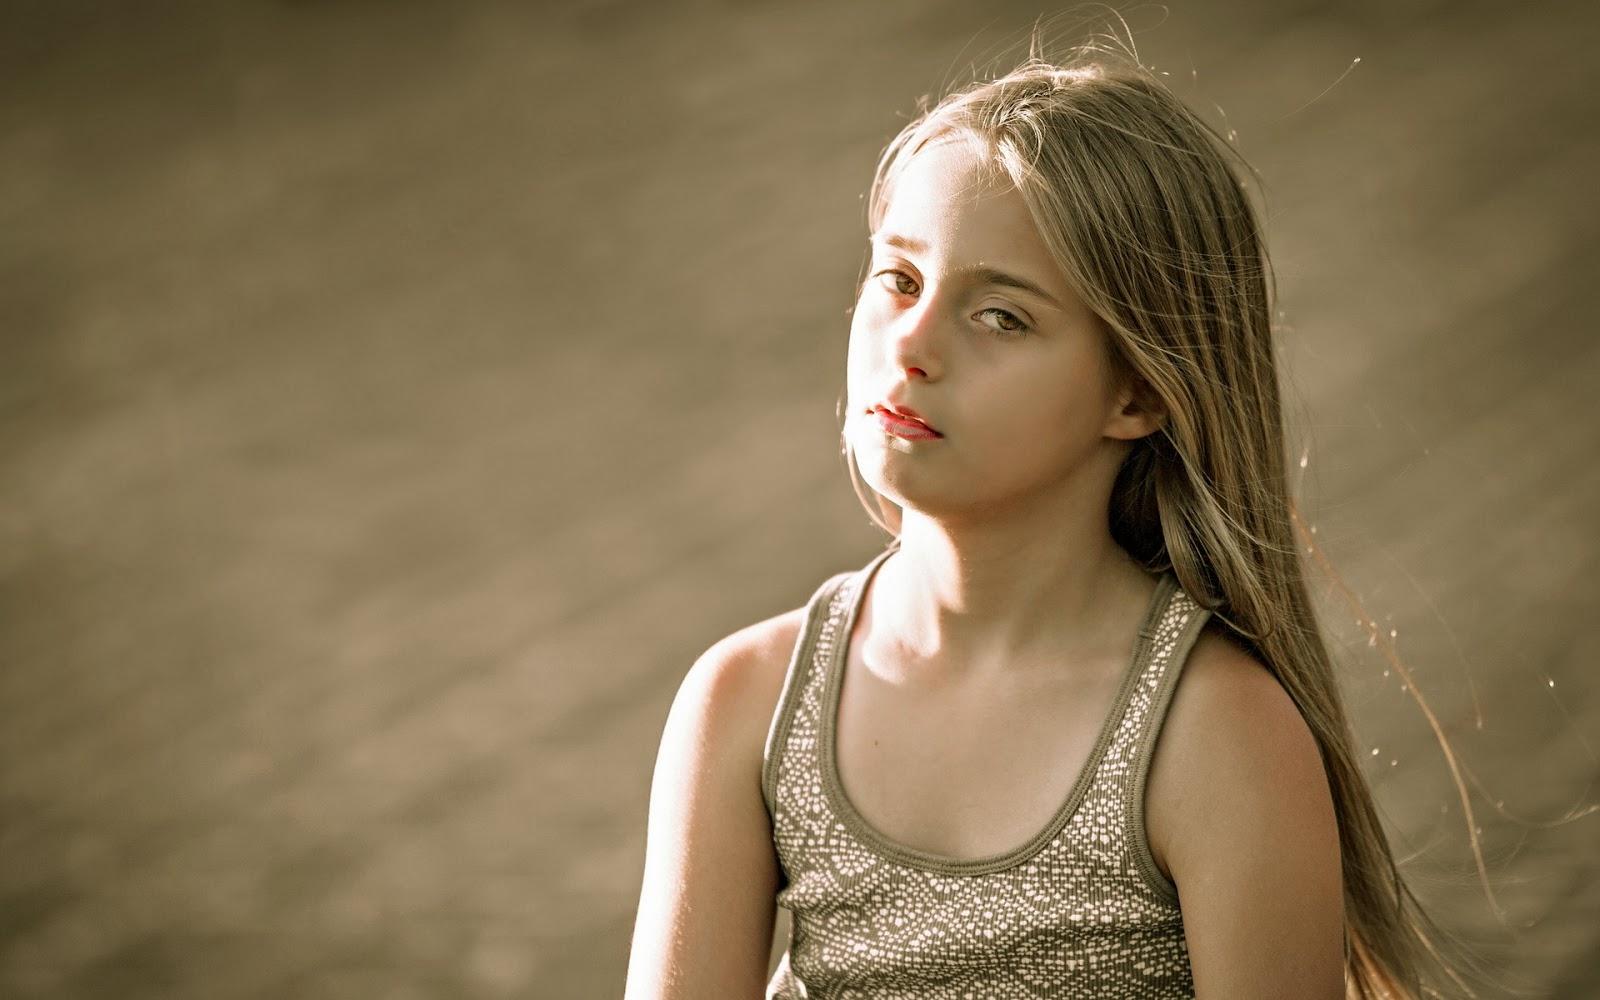 بالصور طفلة حزينة , اصعب لحظات بكاء الاطفال 641 11